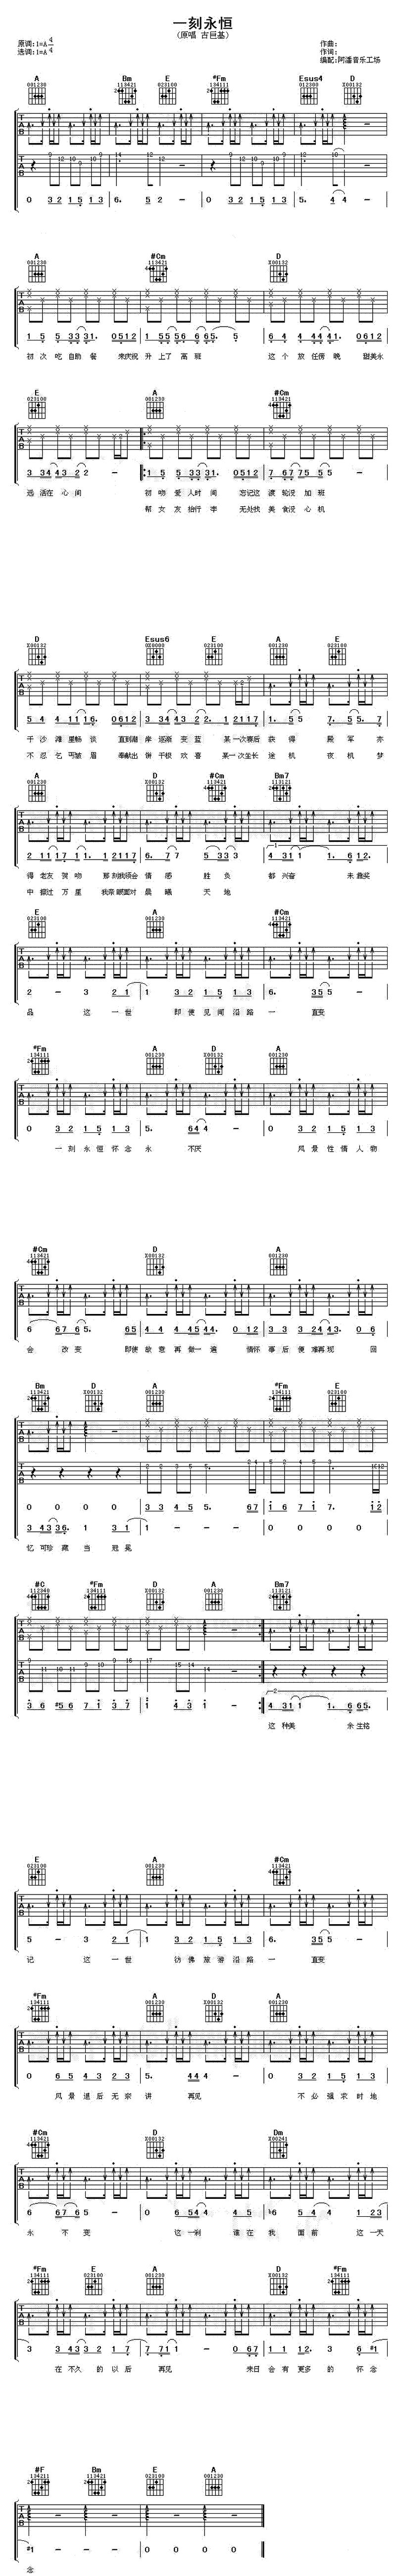 一刻永恆-古巨基-图片吉他谱-0